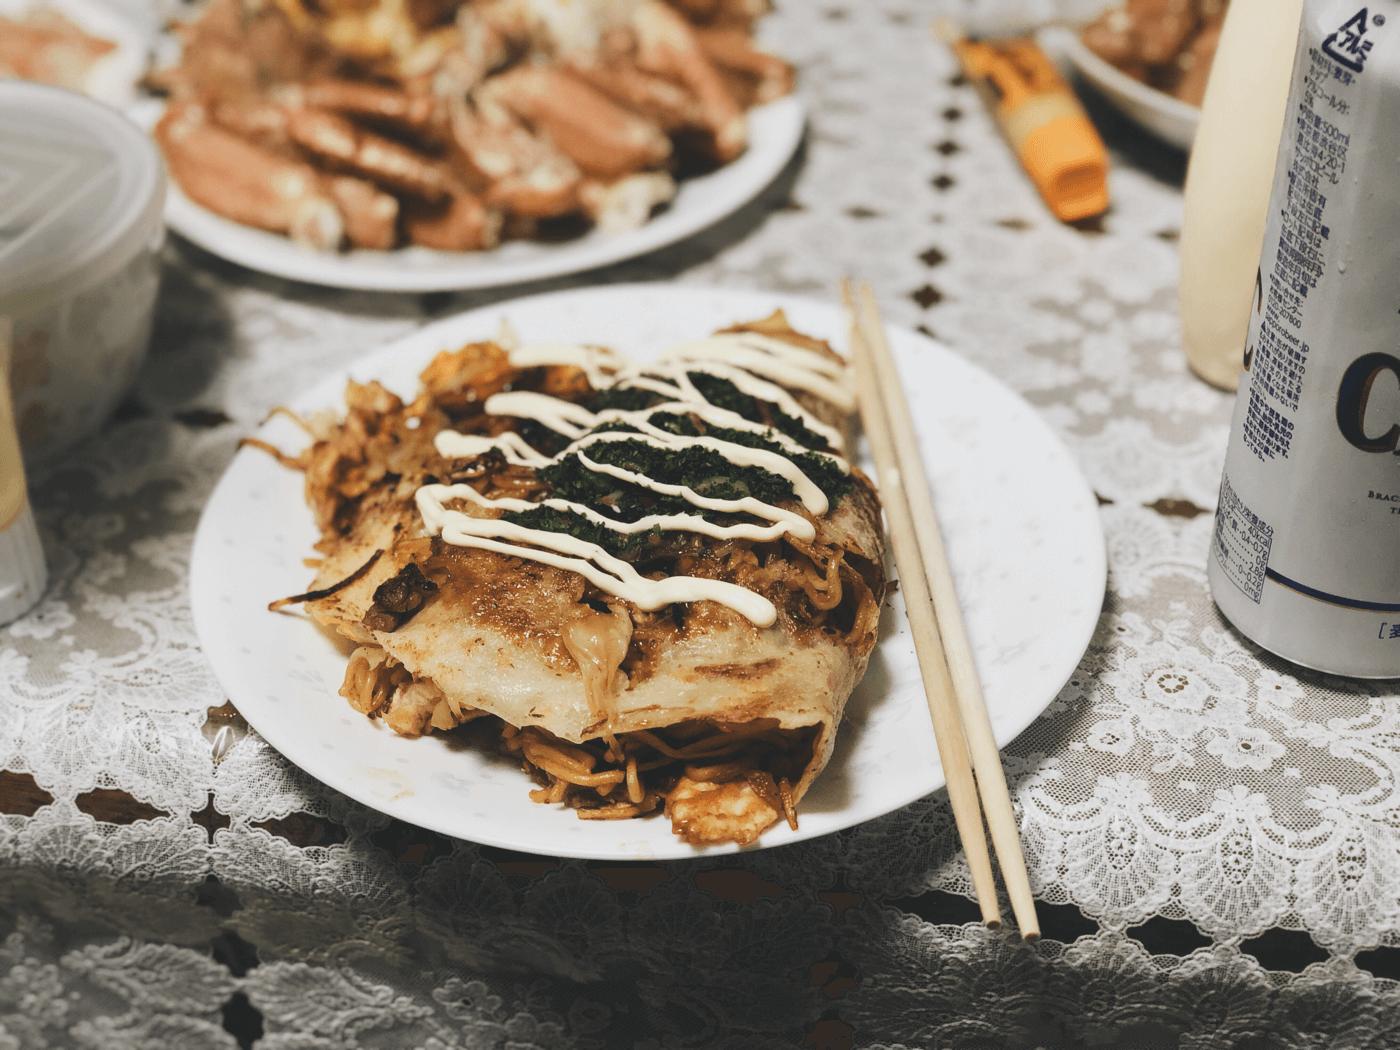 北海道でなぜか広島のお好み焼き食べたよ